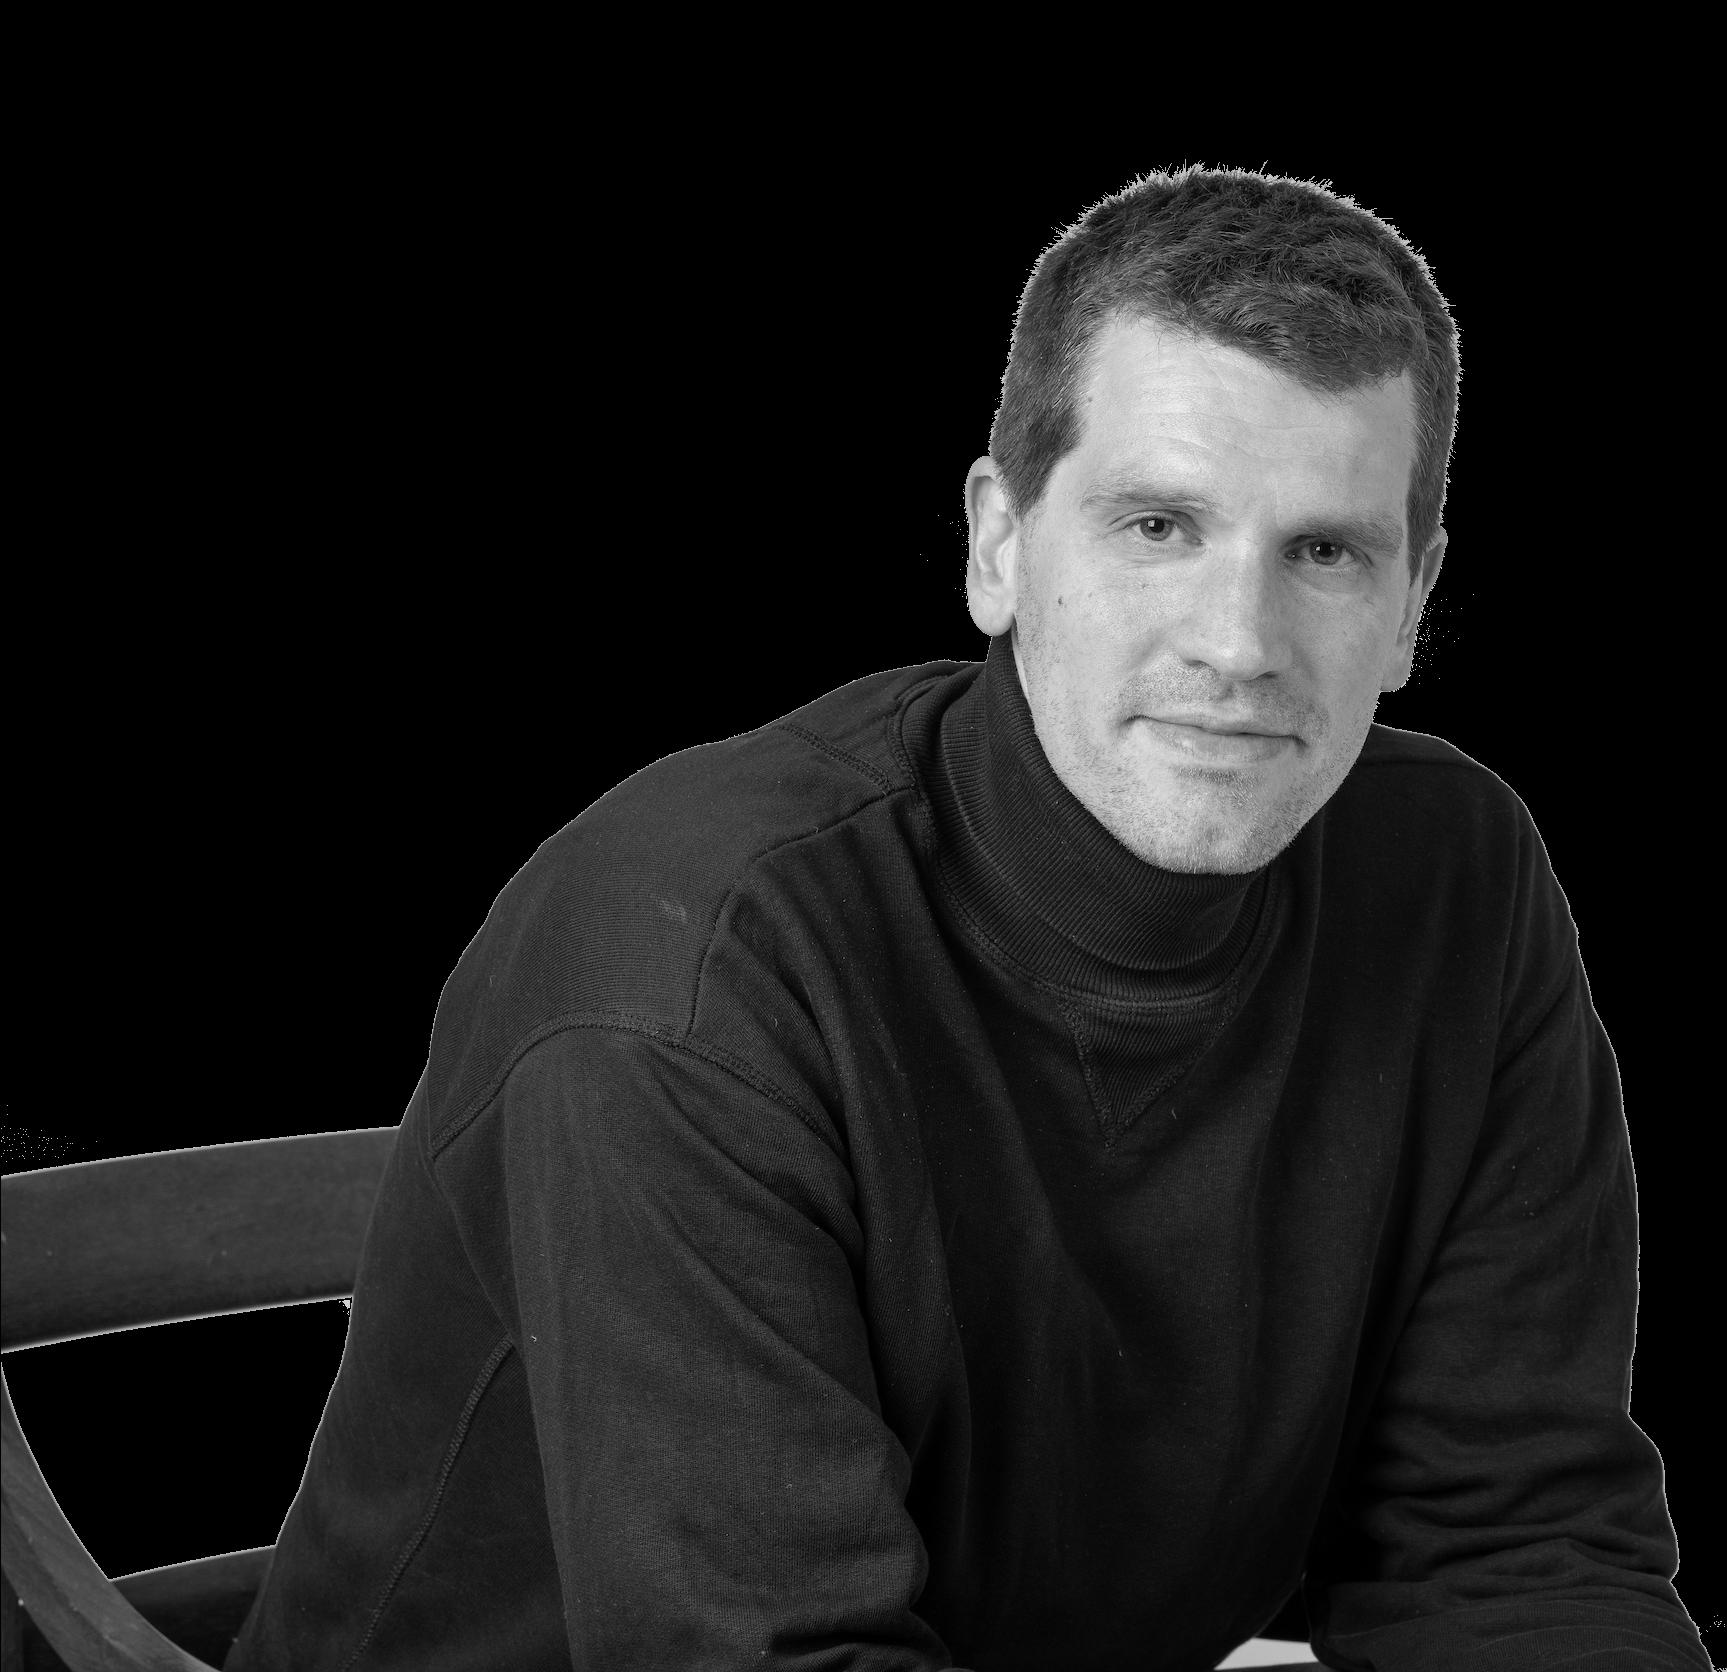 Psykoterapeut Lasse Pallesen - Bliv fri af angstsymptomer, stresssymptomer, depression og afhængighed